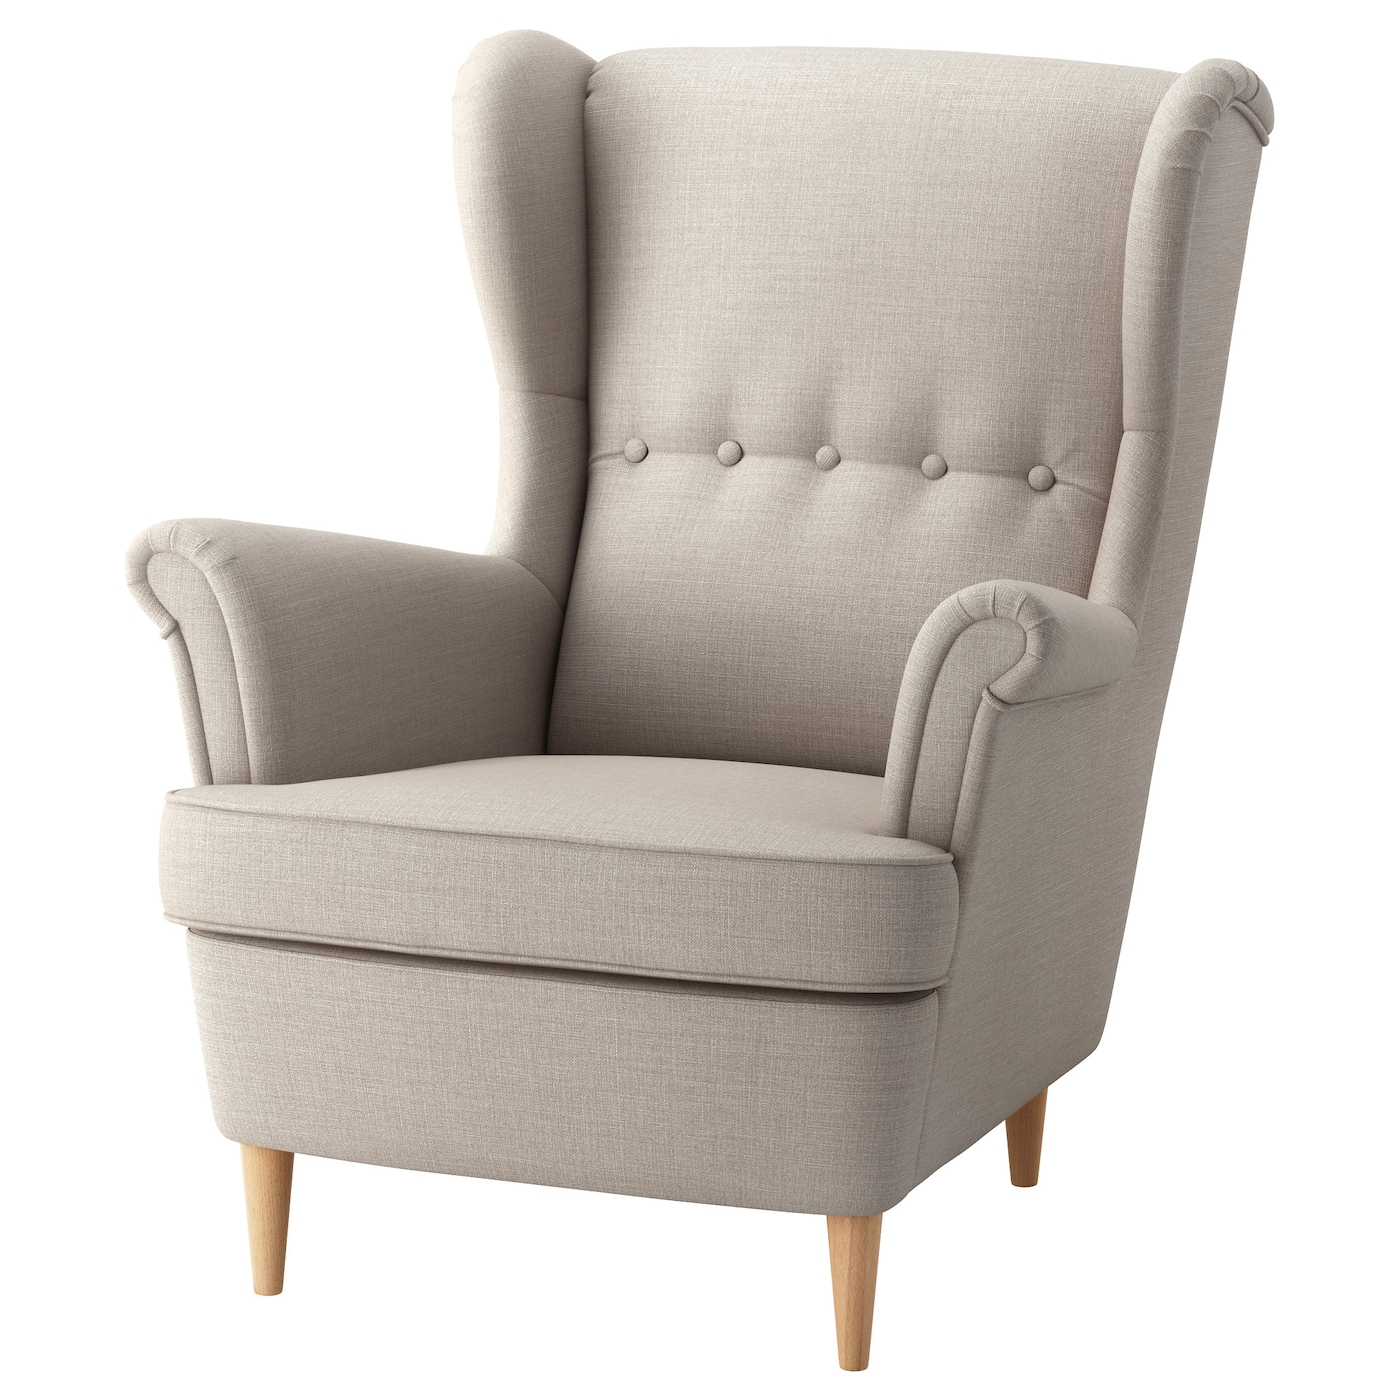 IKEA STRANDMON jasnobeżowy fotel uszak